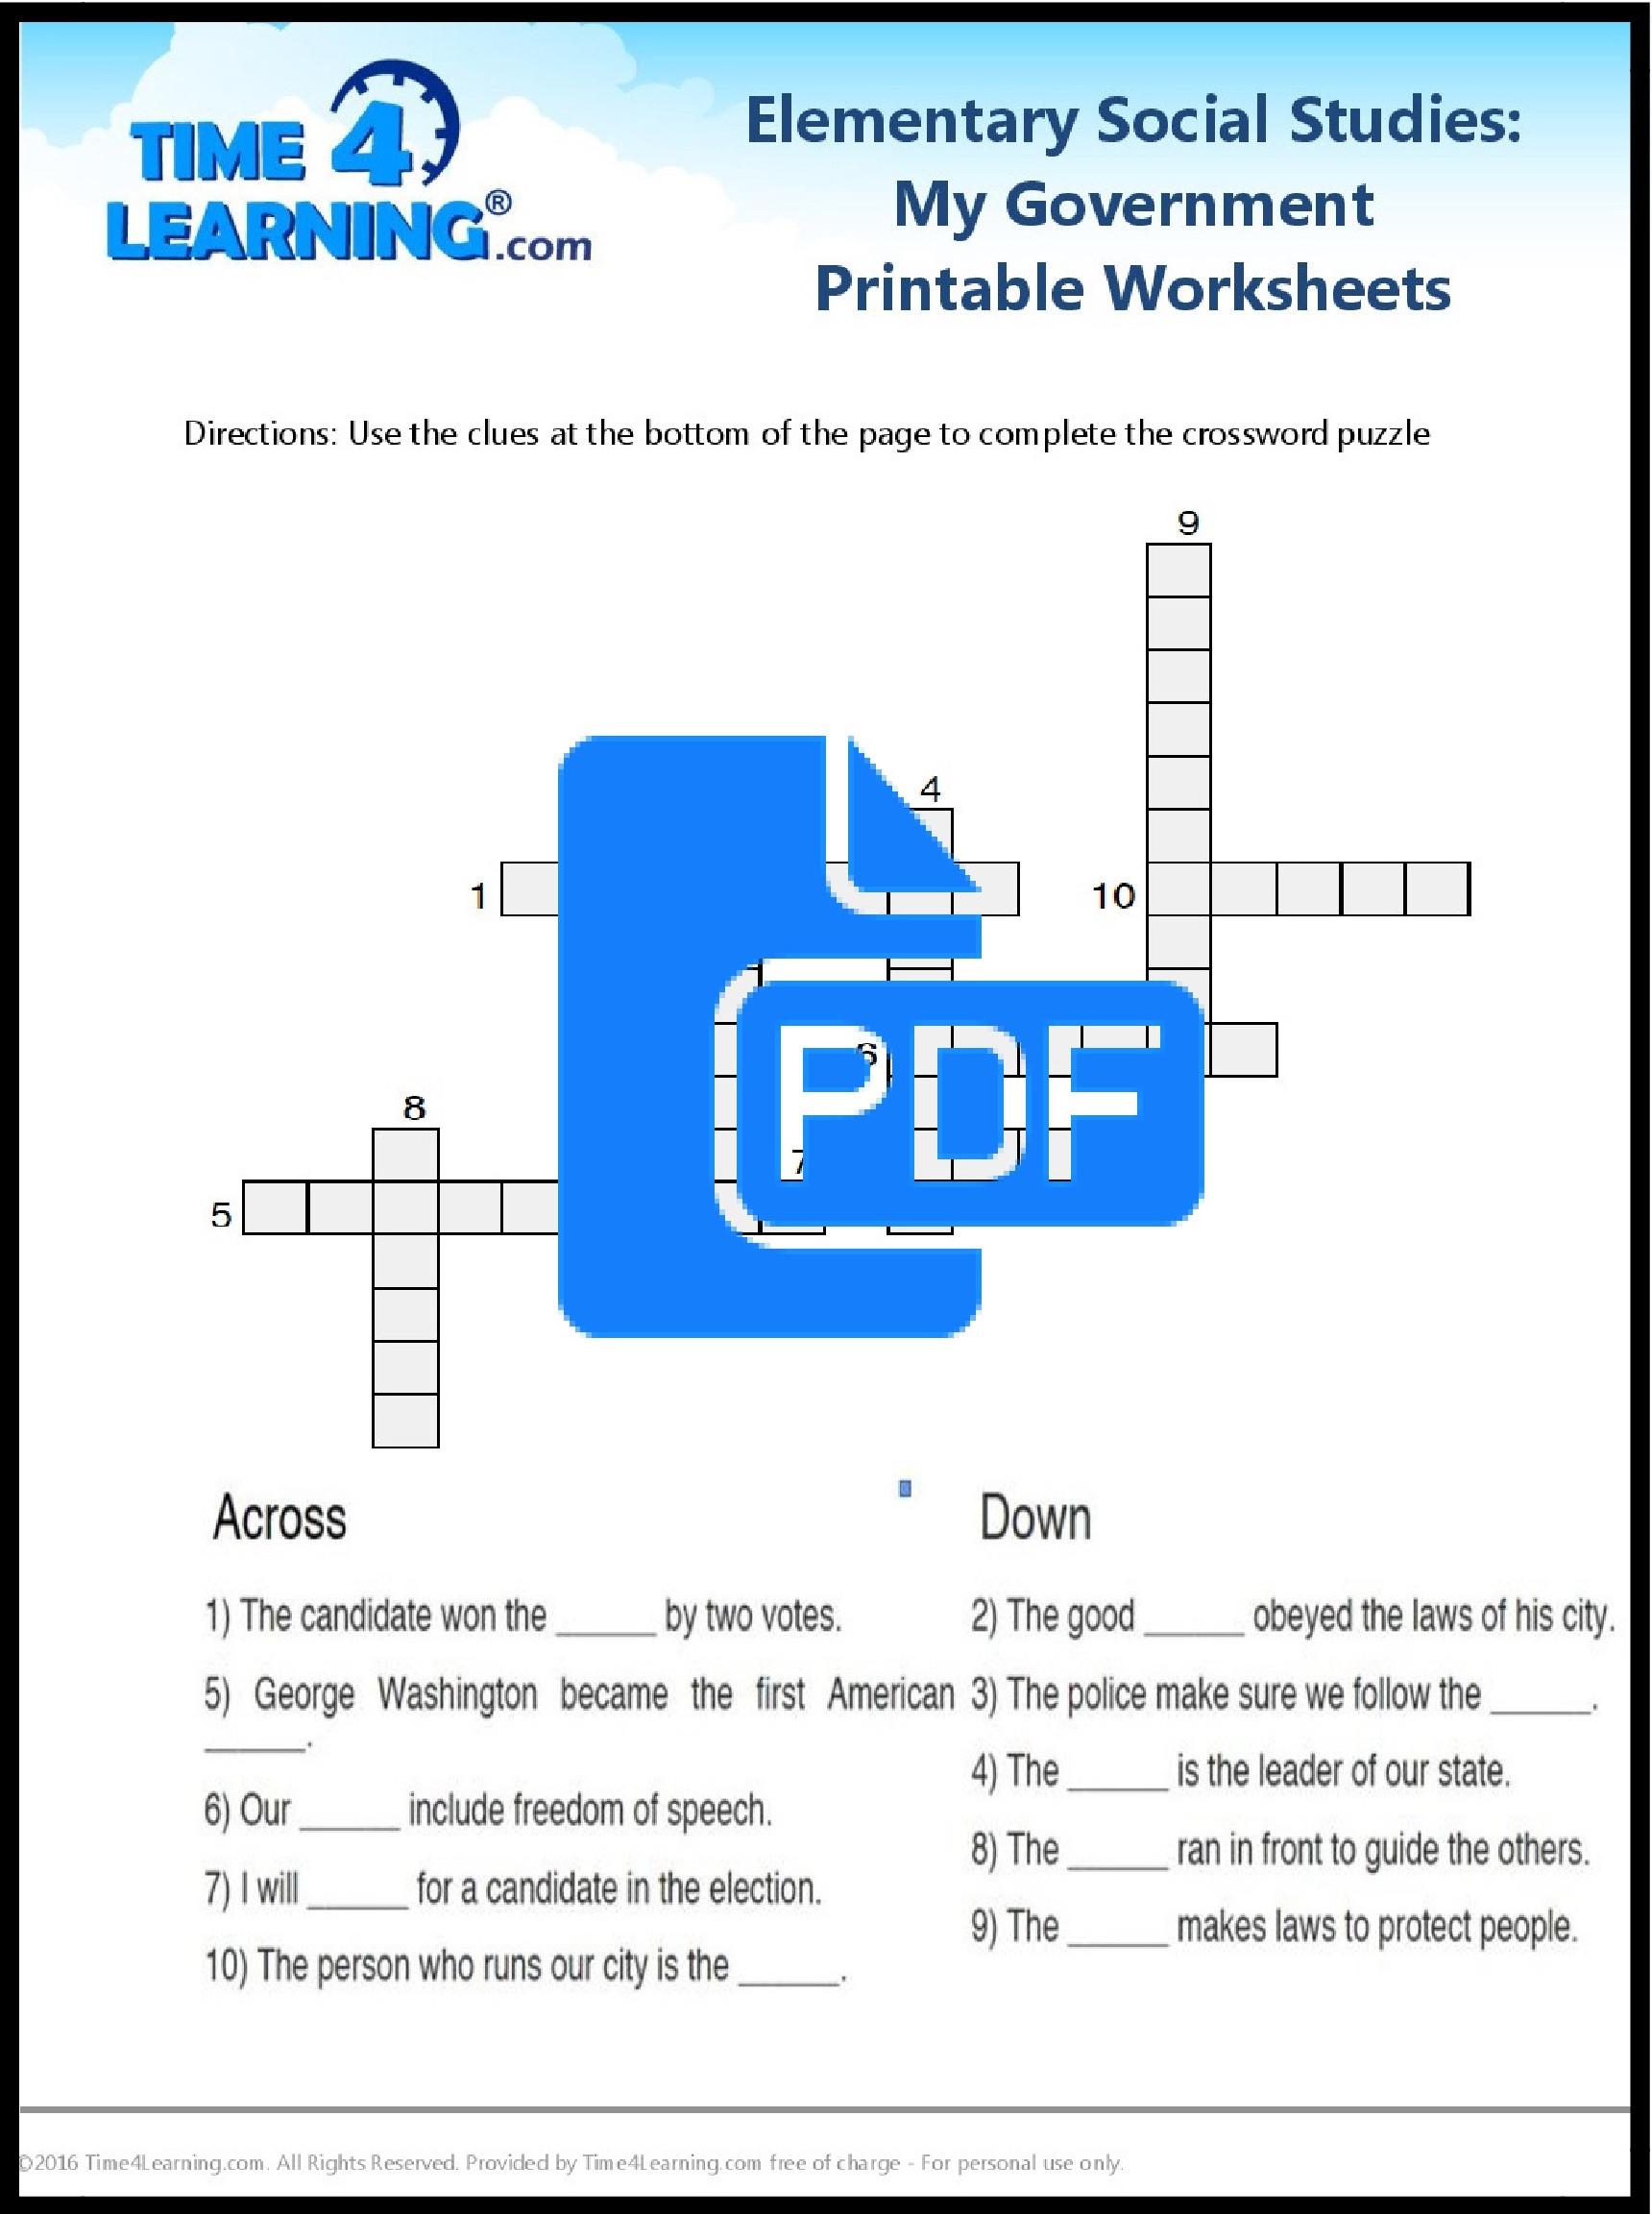 Social Studies Worksheet 3rd Grade Free Printable Elementary social Stu S Worksheet